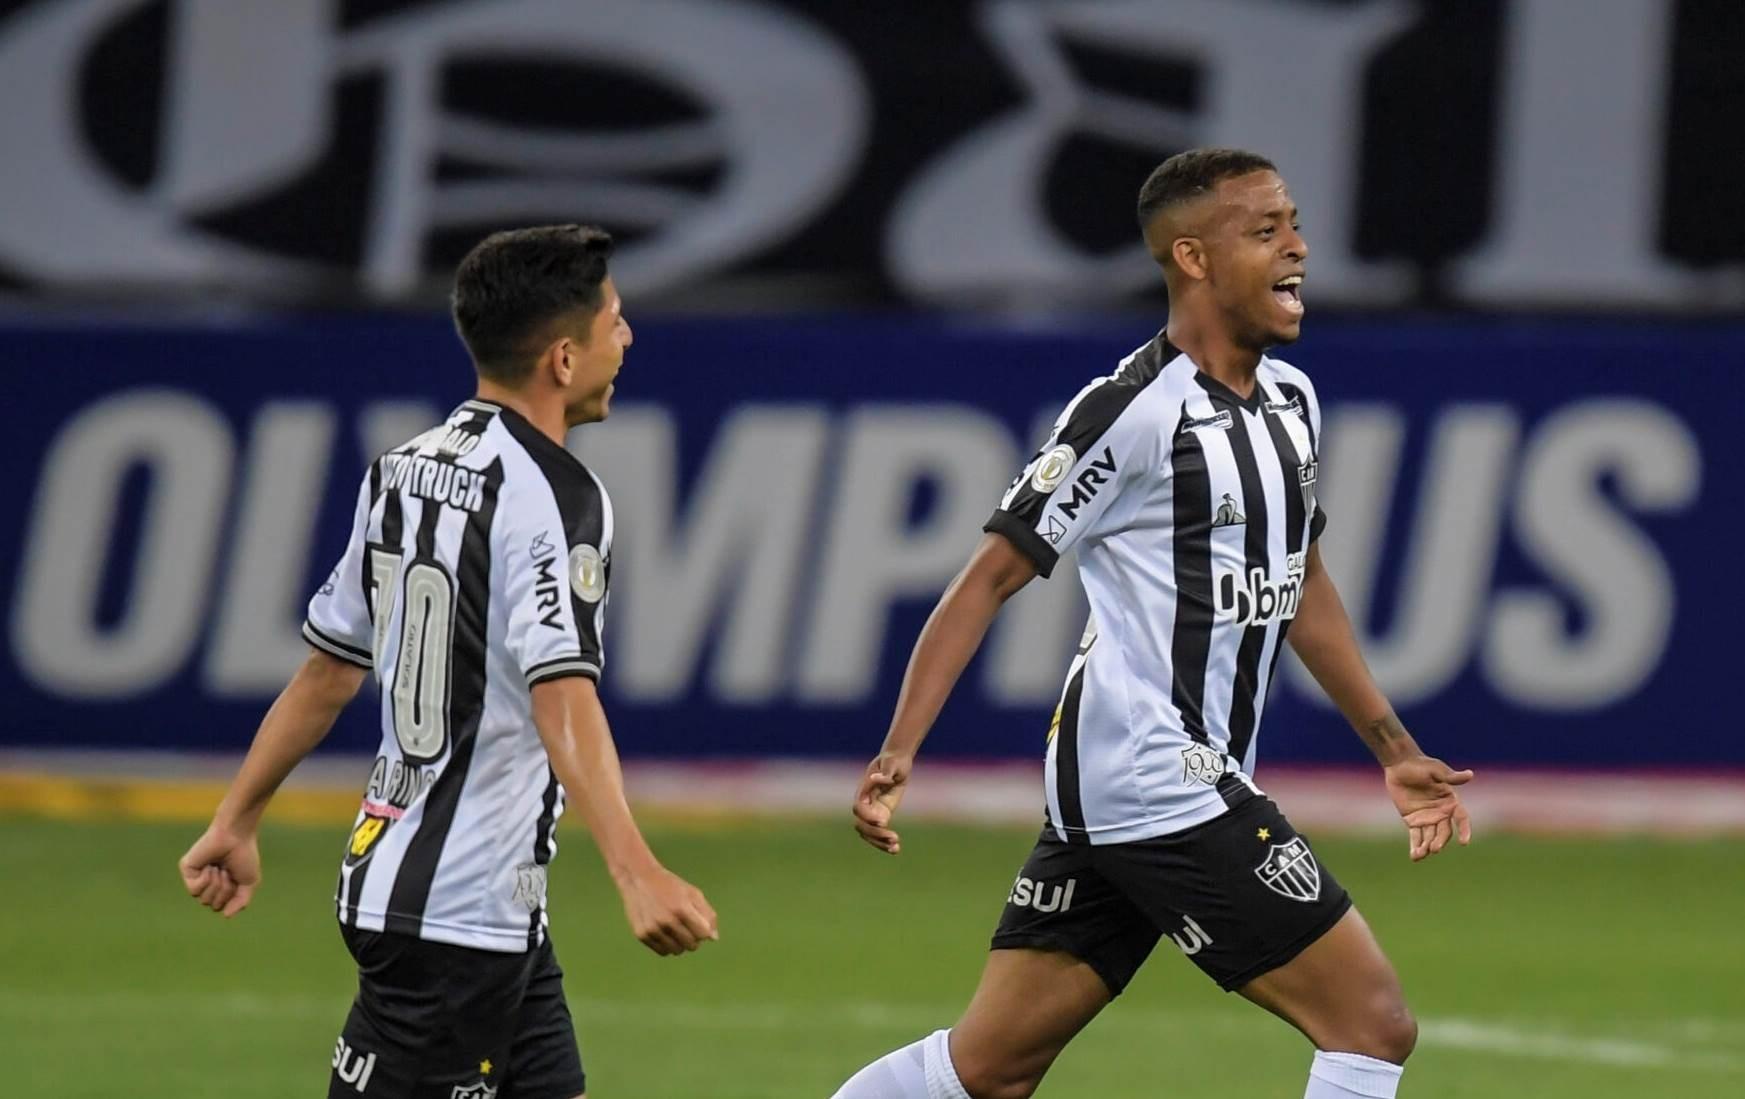 فاز أتلتيكو مينيرو على غريميو 3-1